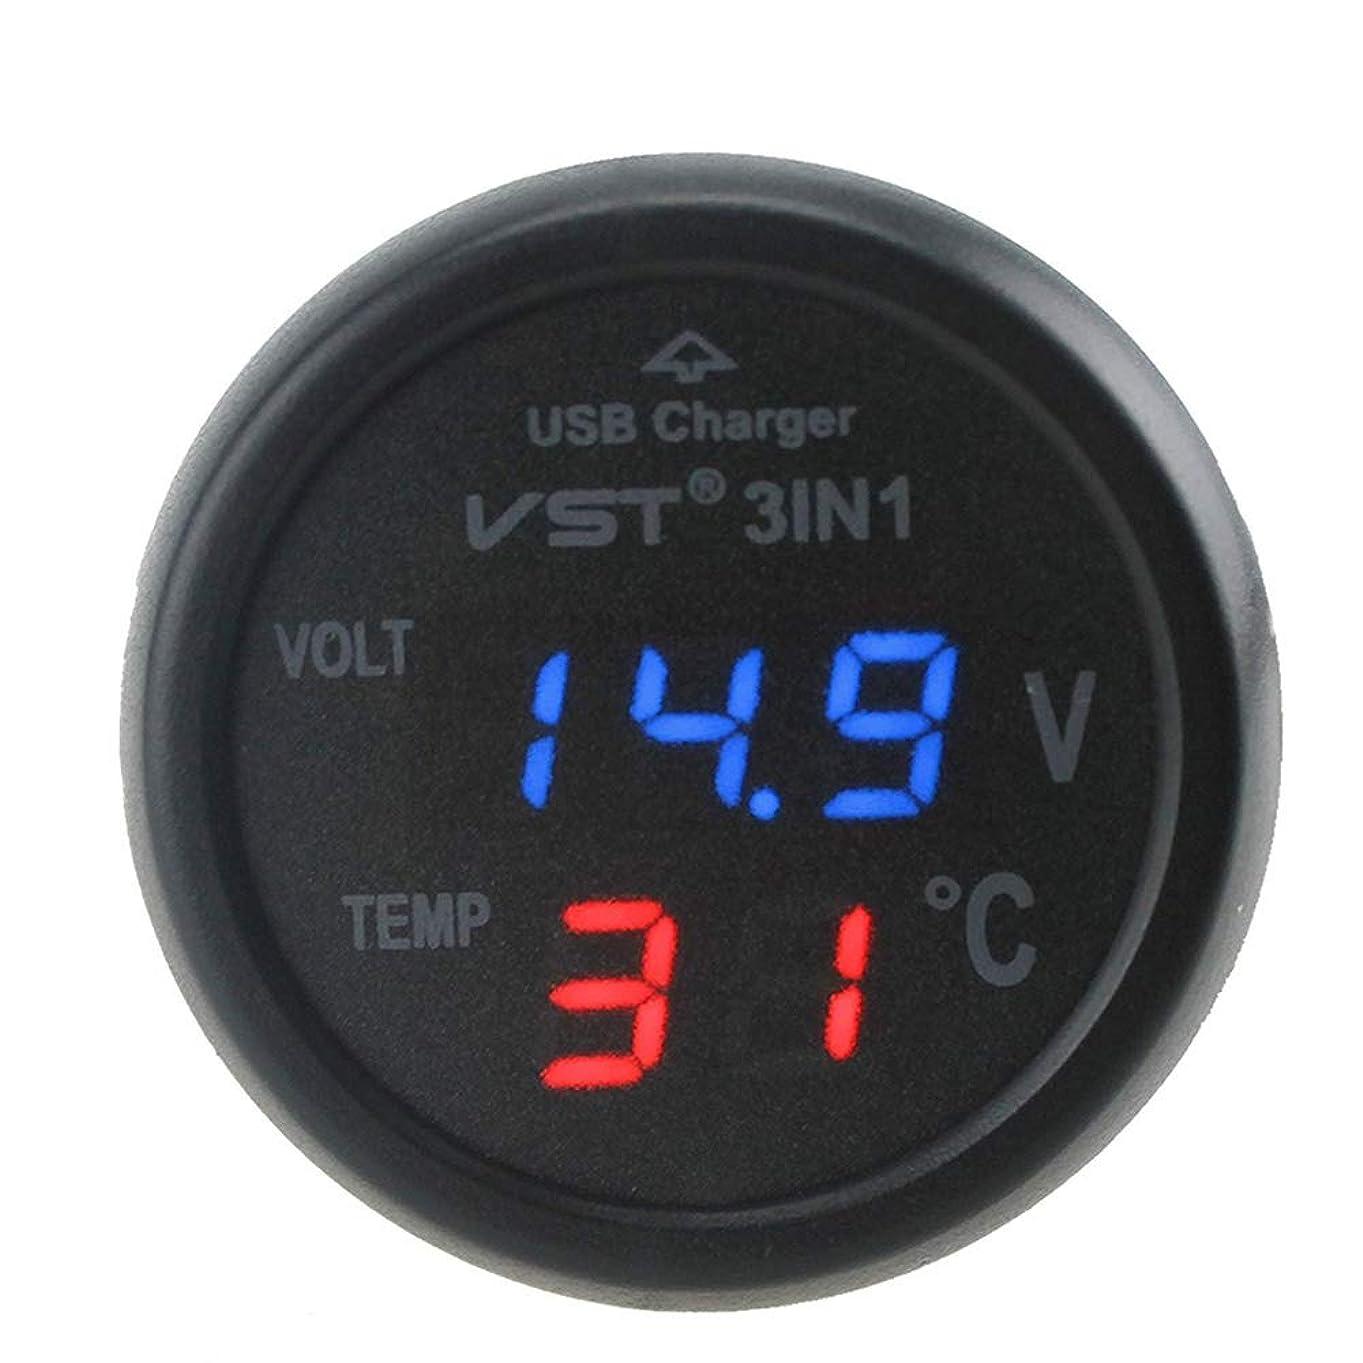 泣き叫ぶミサイル名前Lindexs 3イン1 車 12V 24V グリーン LED USB充電器 デジタル電圧計 温度計